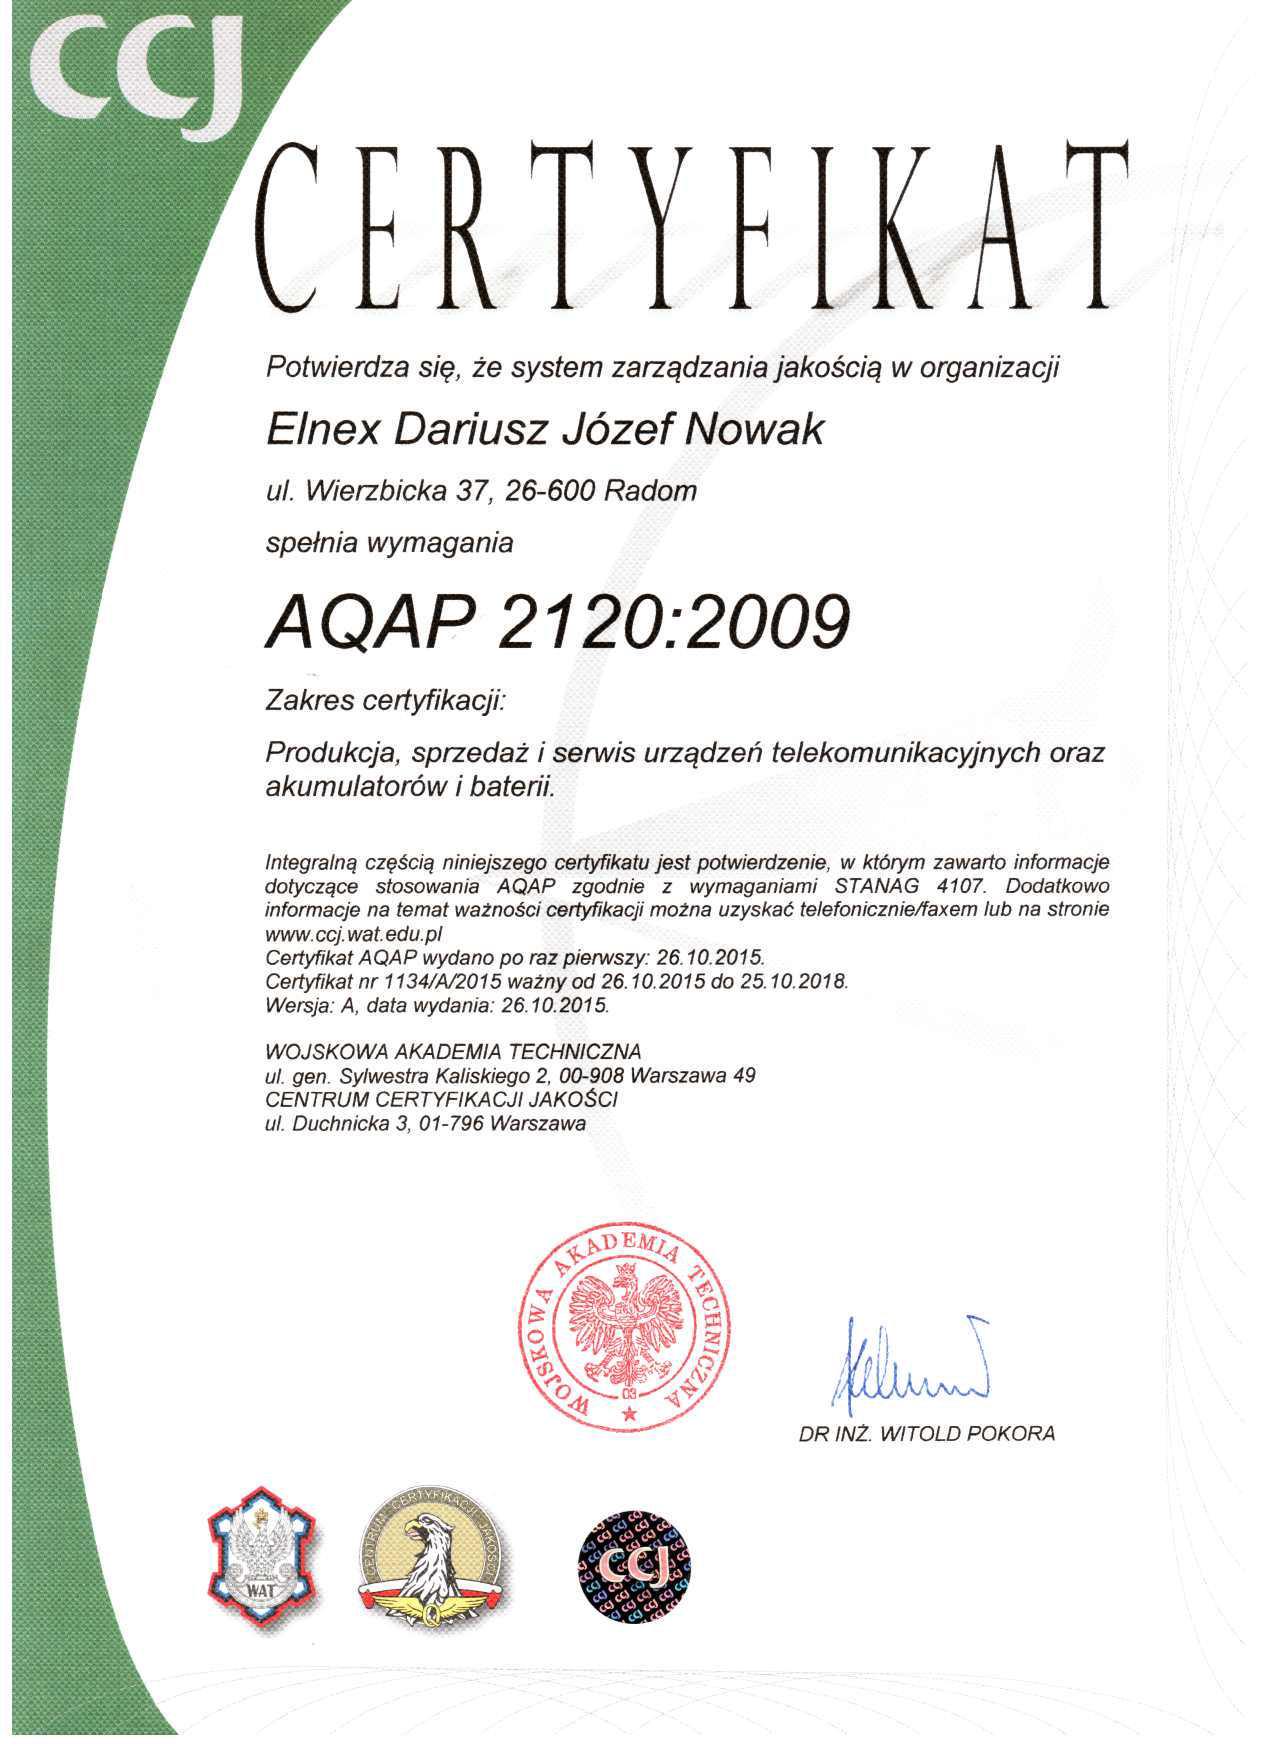 ISO 9001:2008 ELNEX